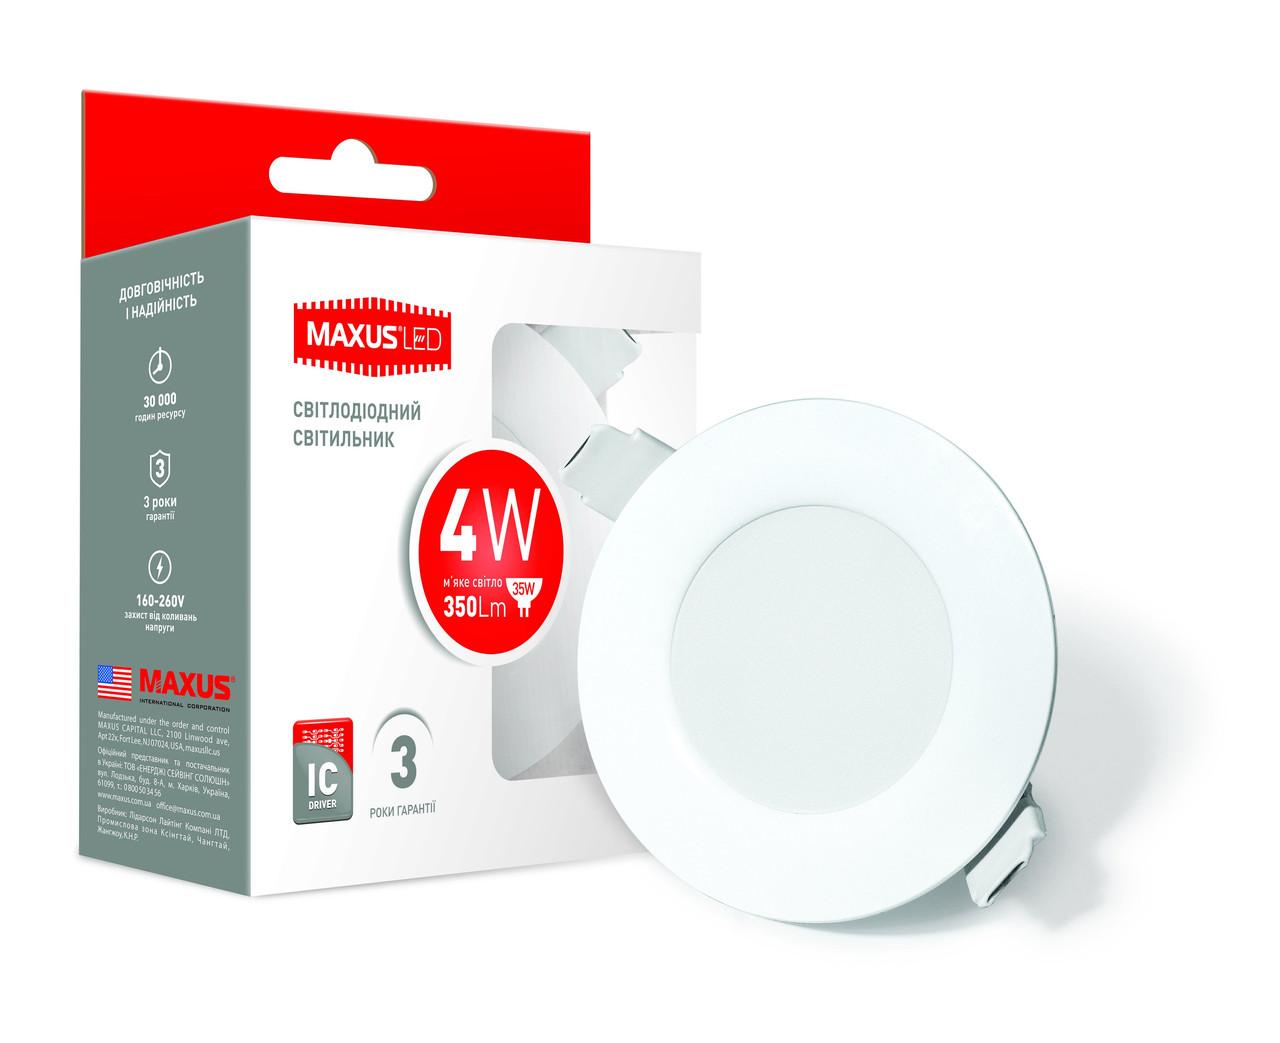 Светодиодный точечный светильник MAXUS LED SDL mini 4W 3000K (1-SDL-001-01)